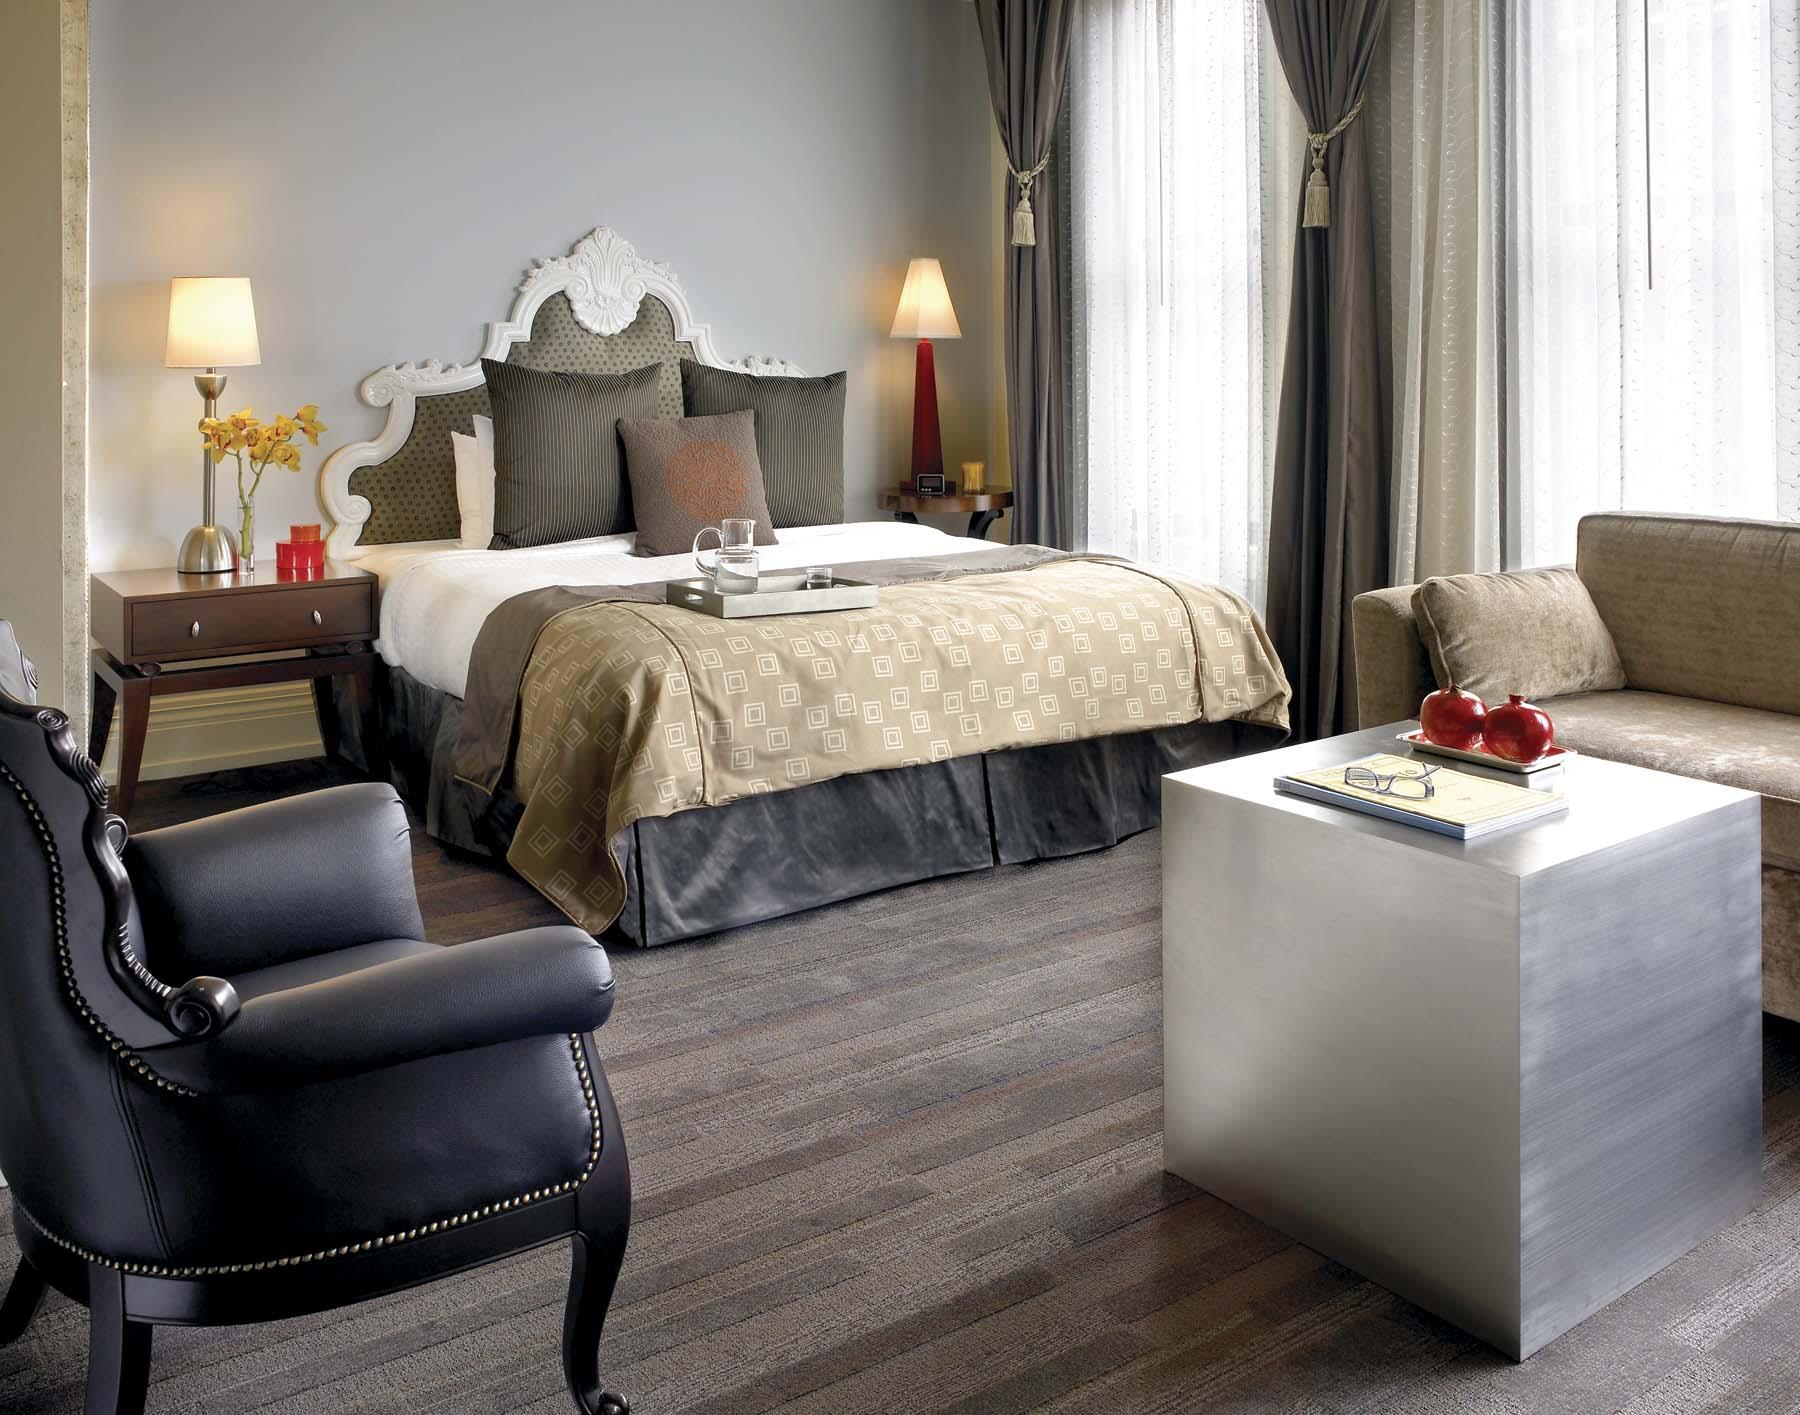 Kimpton Alexis Hotel: modernizar el pasado